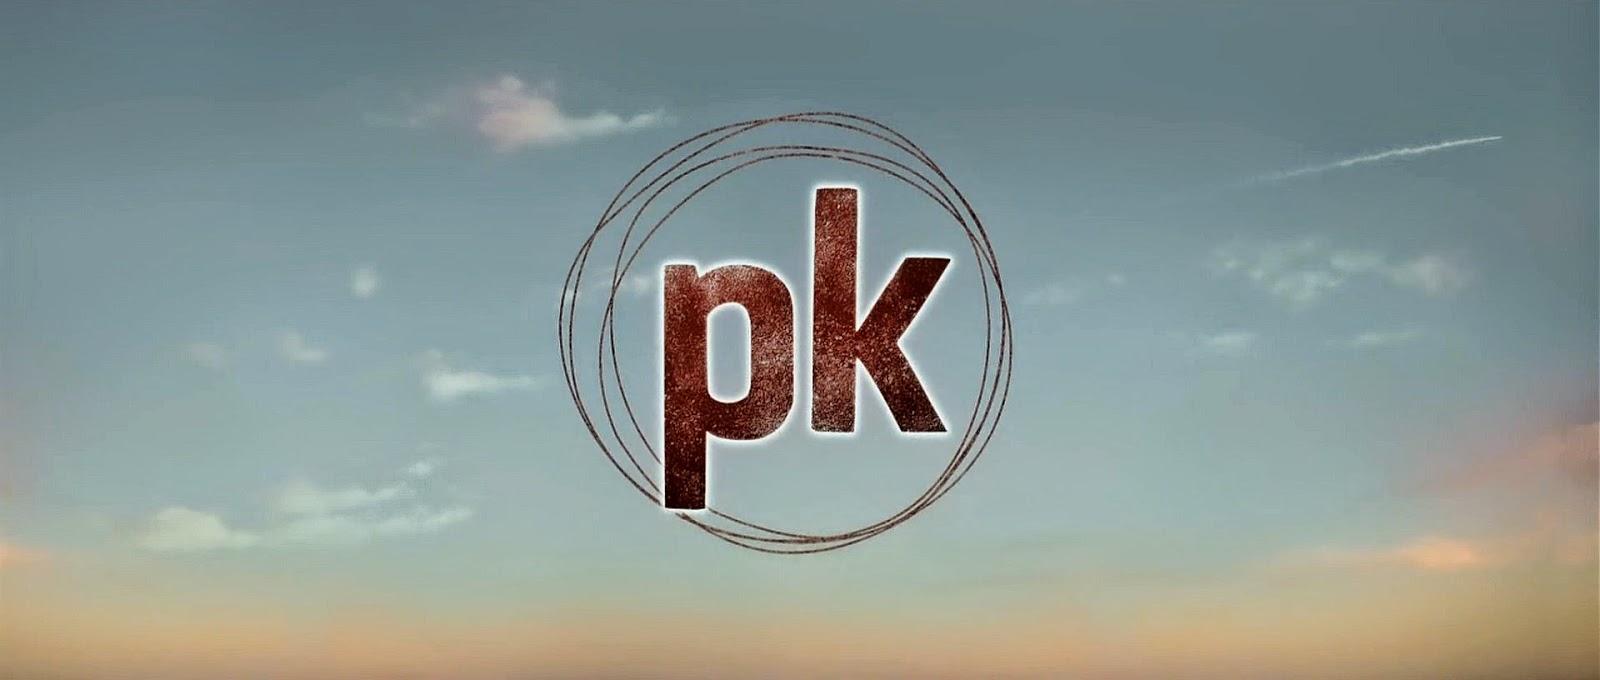 PK (2014) S2 s PK (2014)